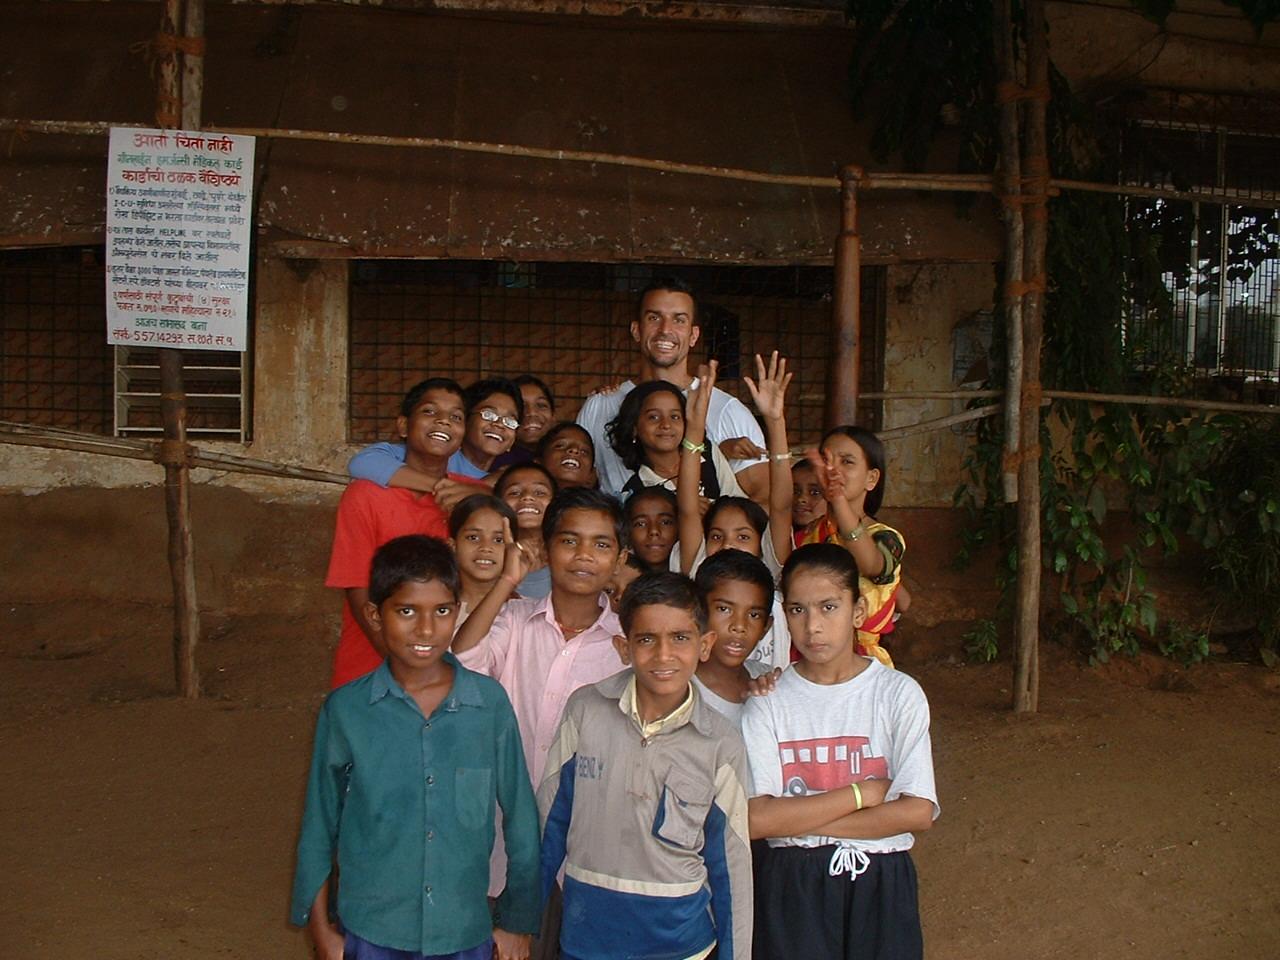 Mike Reeder India Volunteer Smiles